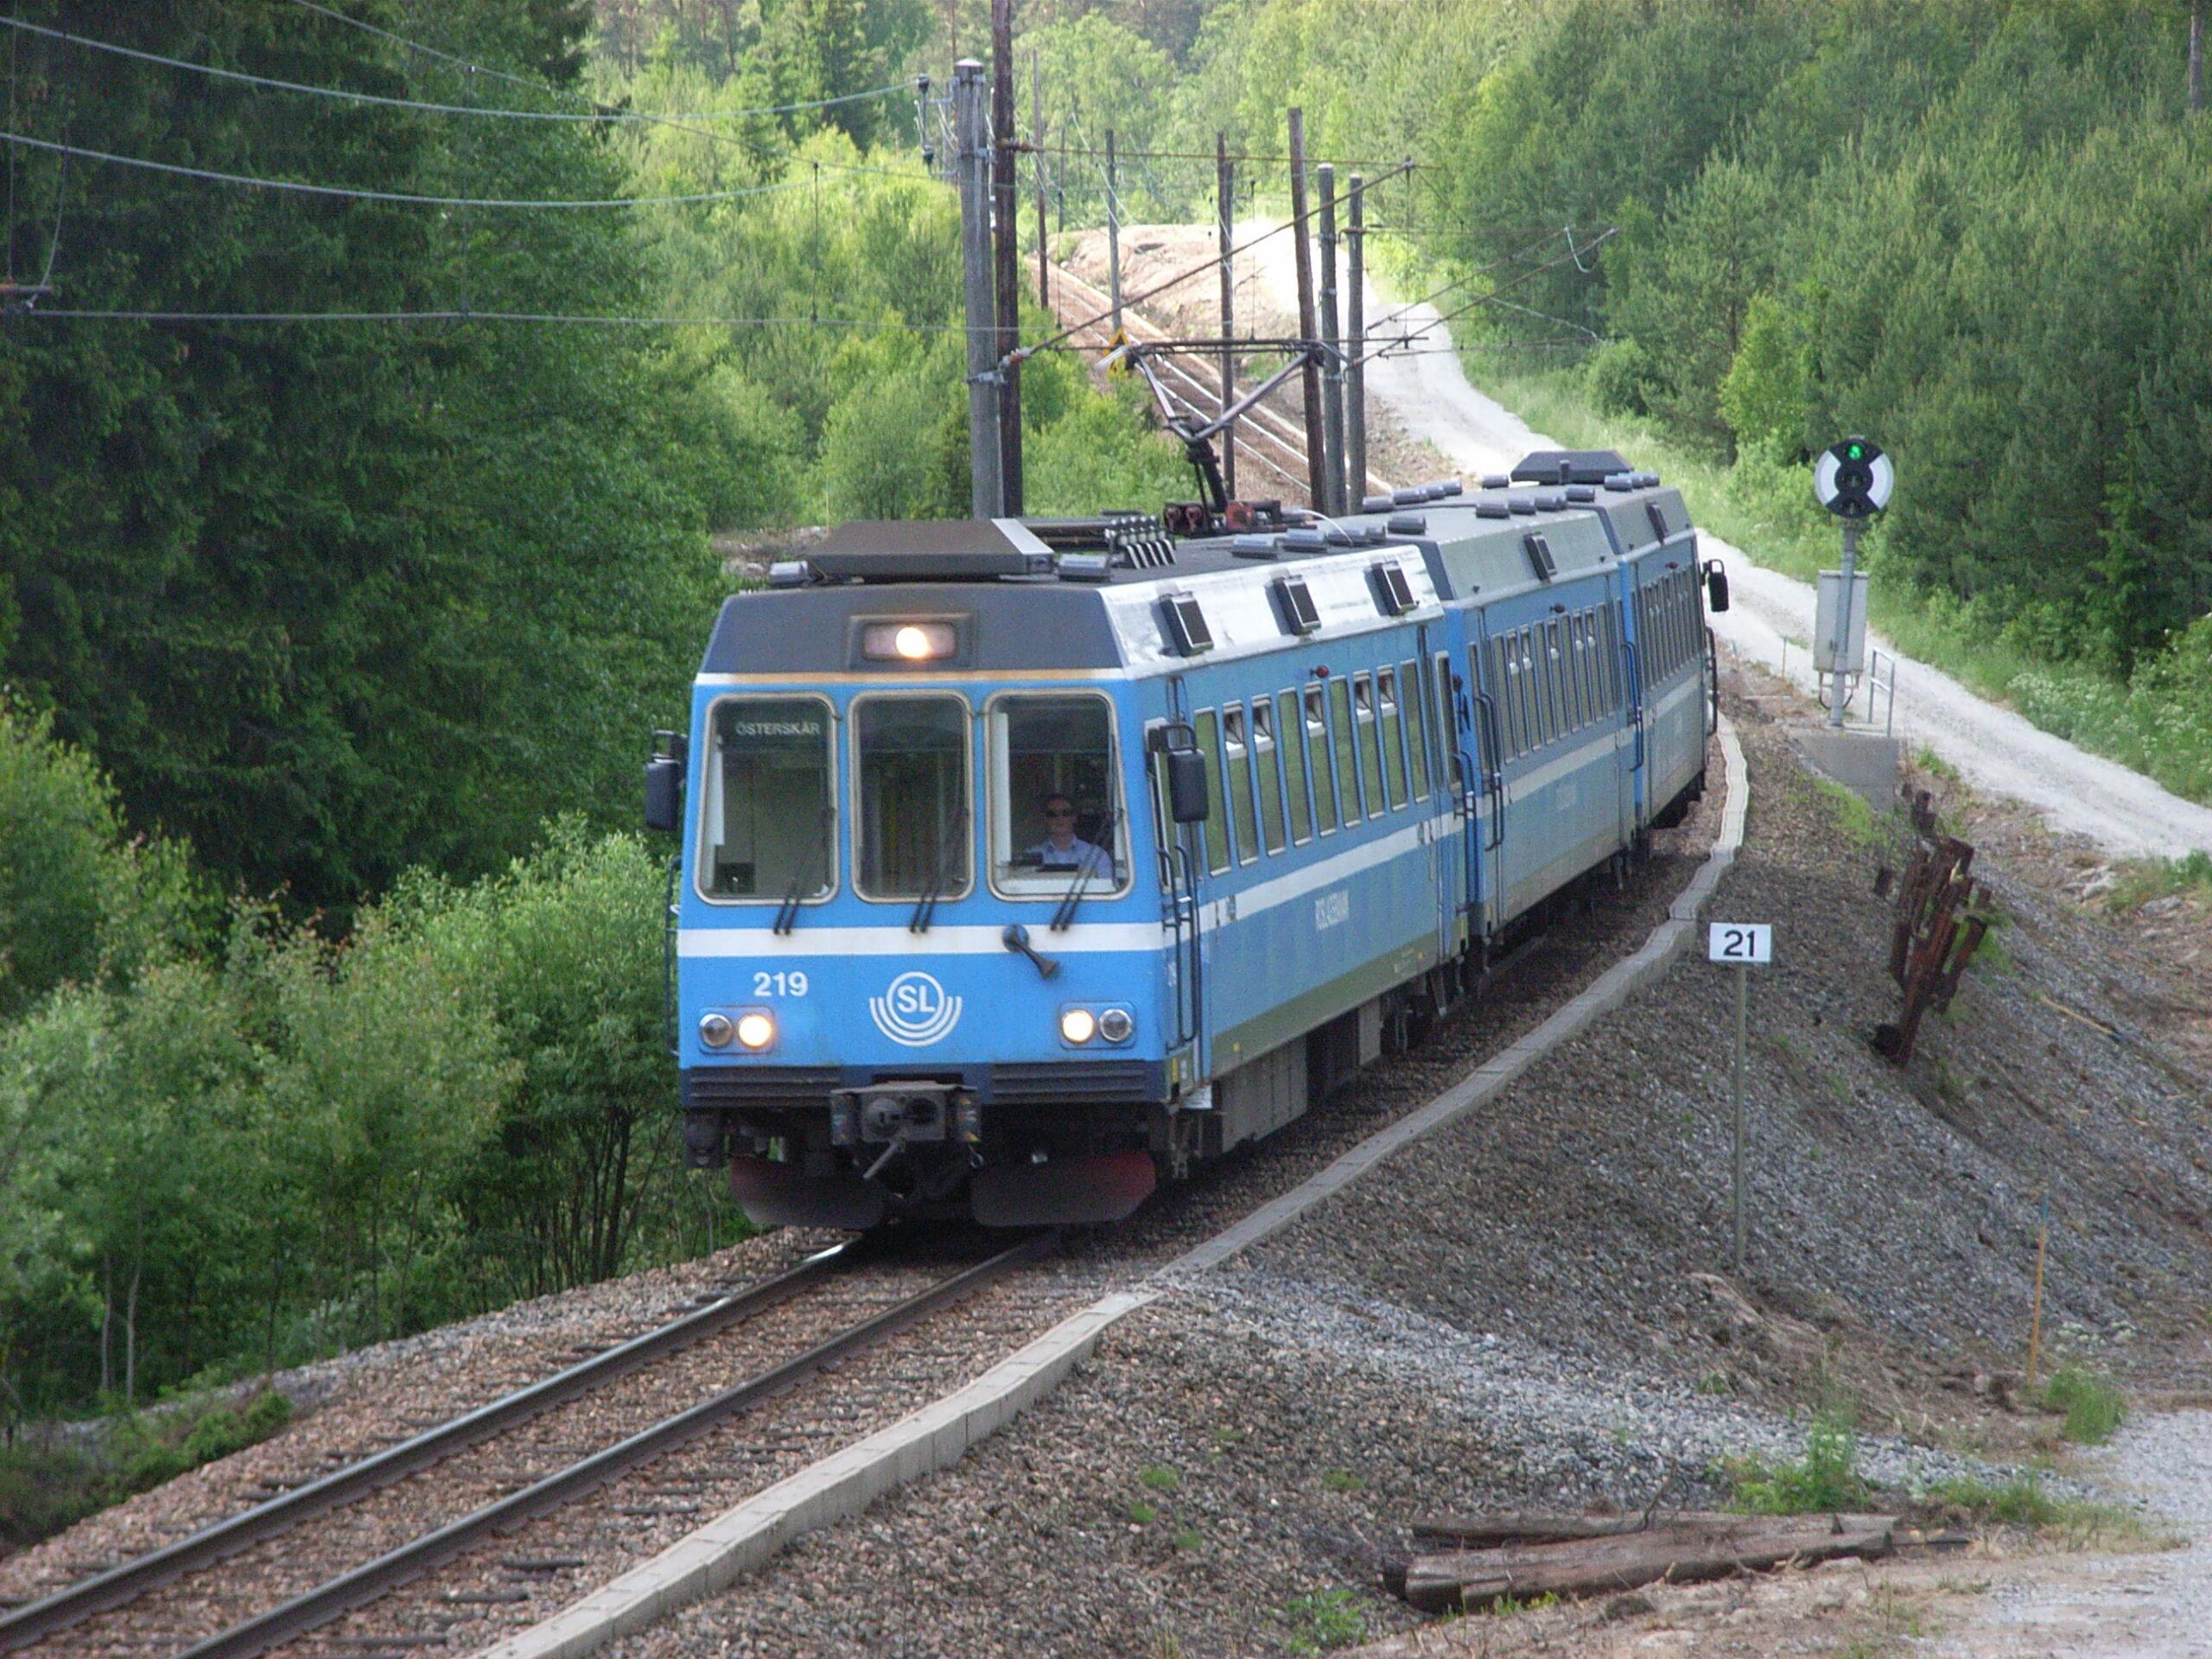 A train on the Roslagen rail network